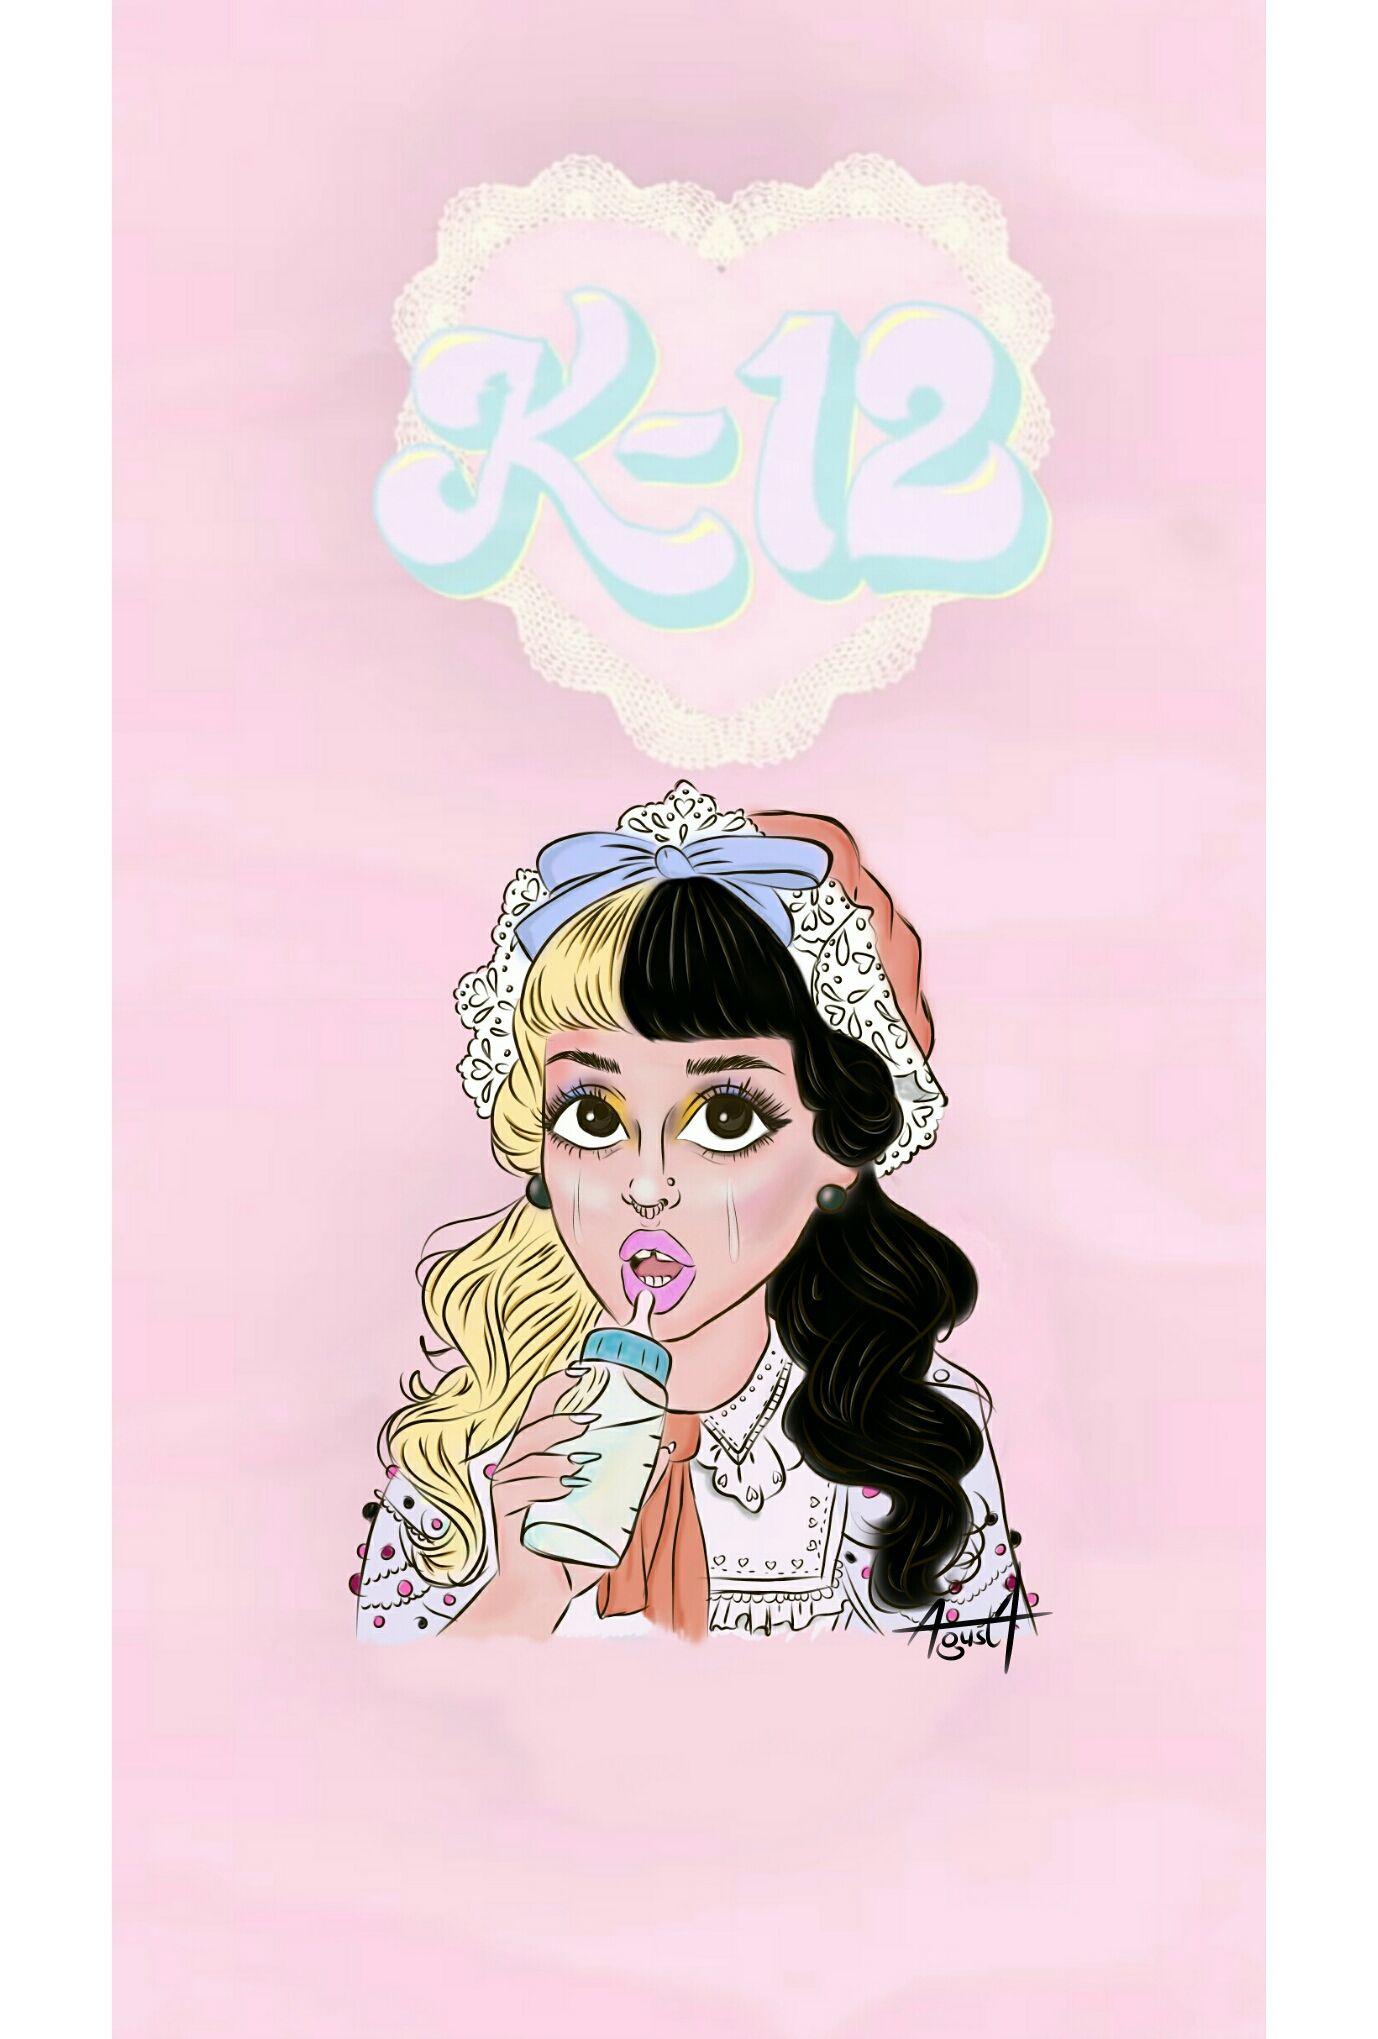 Melanie Martinez K 12 Melanie Martinez Drawings Melanie Martinez Art Drawings